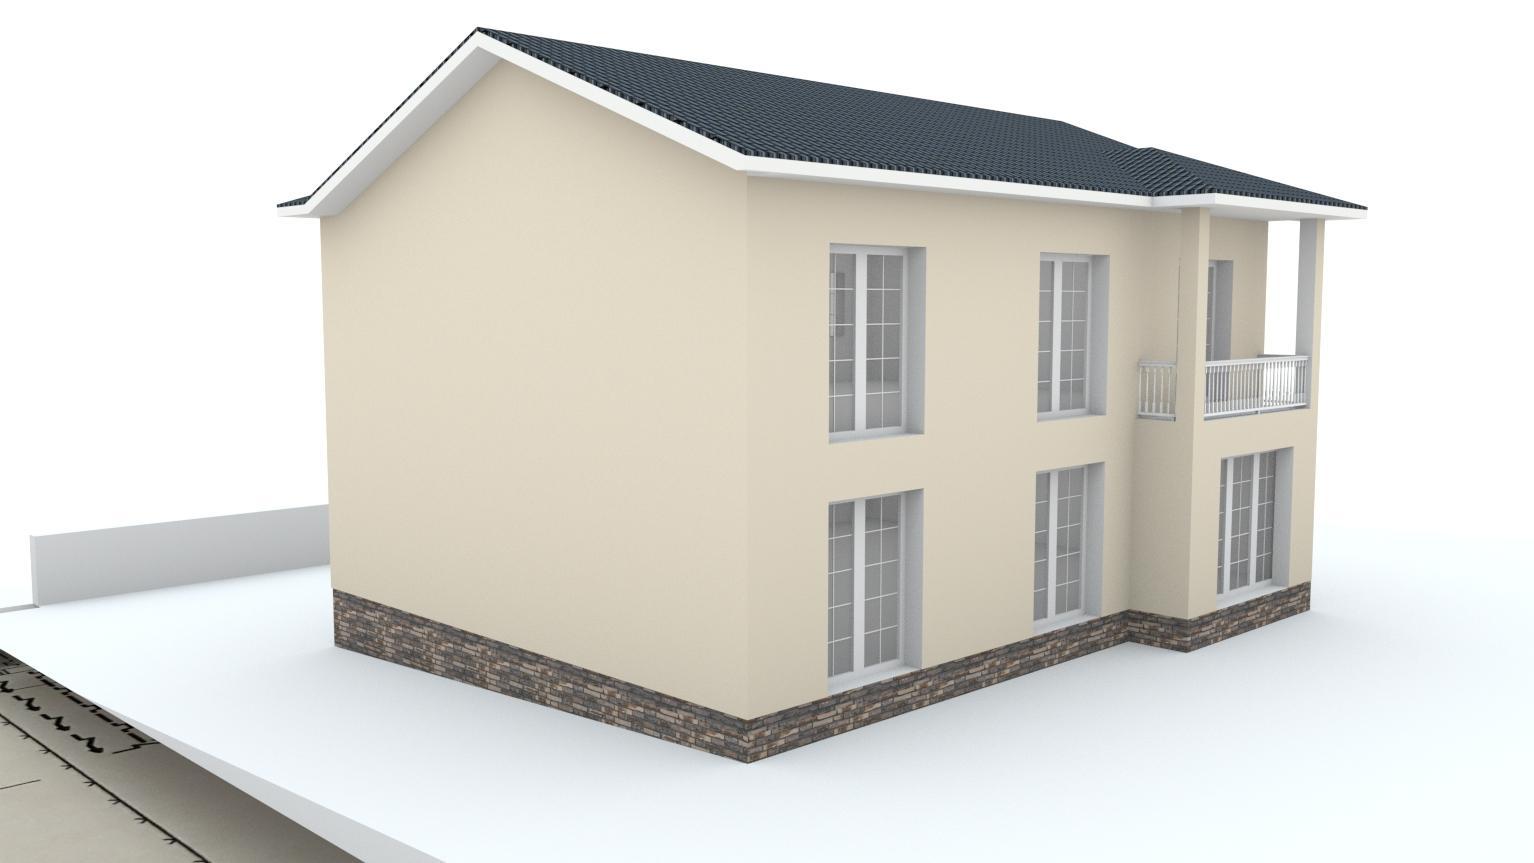 Návrh fasády rodinného domu Bratislava - Obrázok č. 2